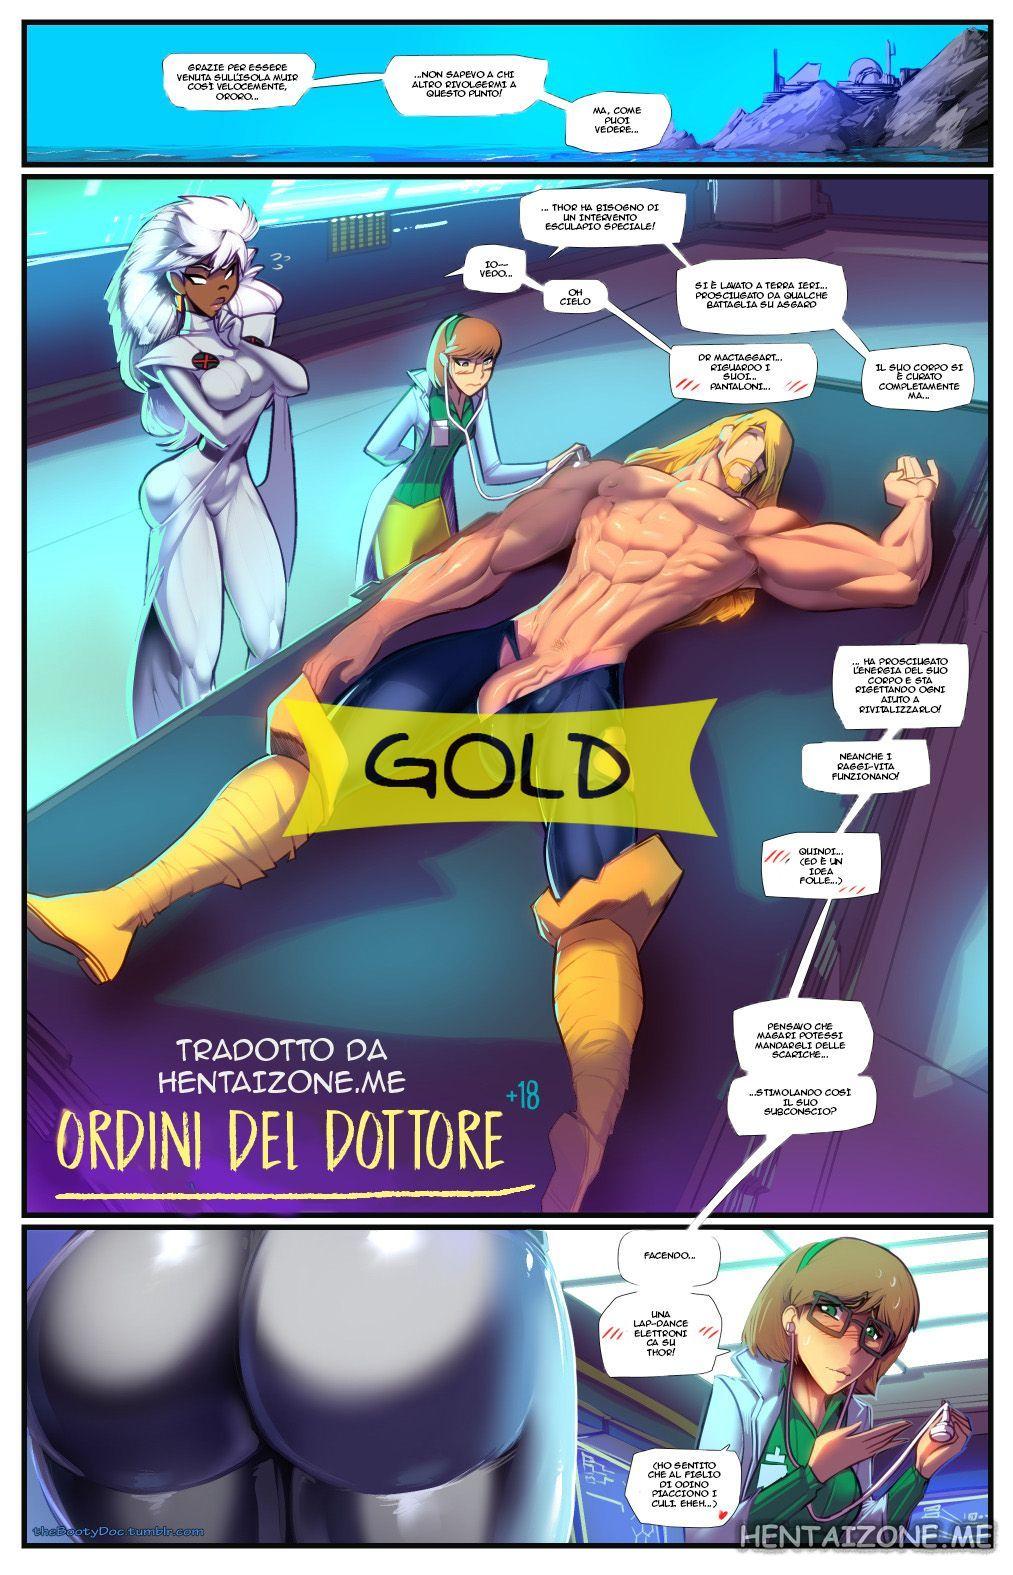 thor e tempesta finiscono a letto in una storia a fumetti hentai italiano porno